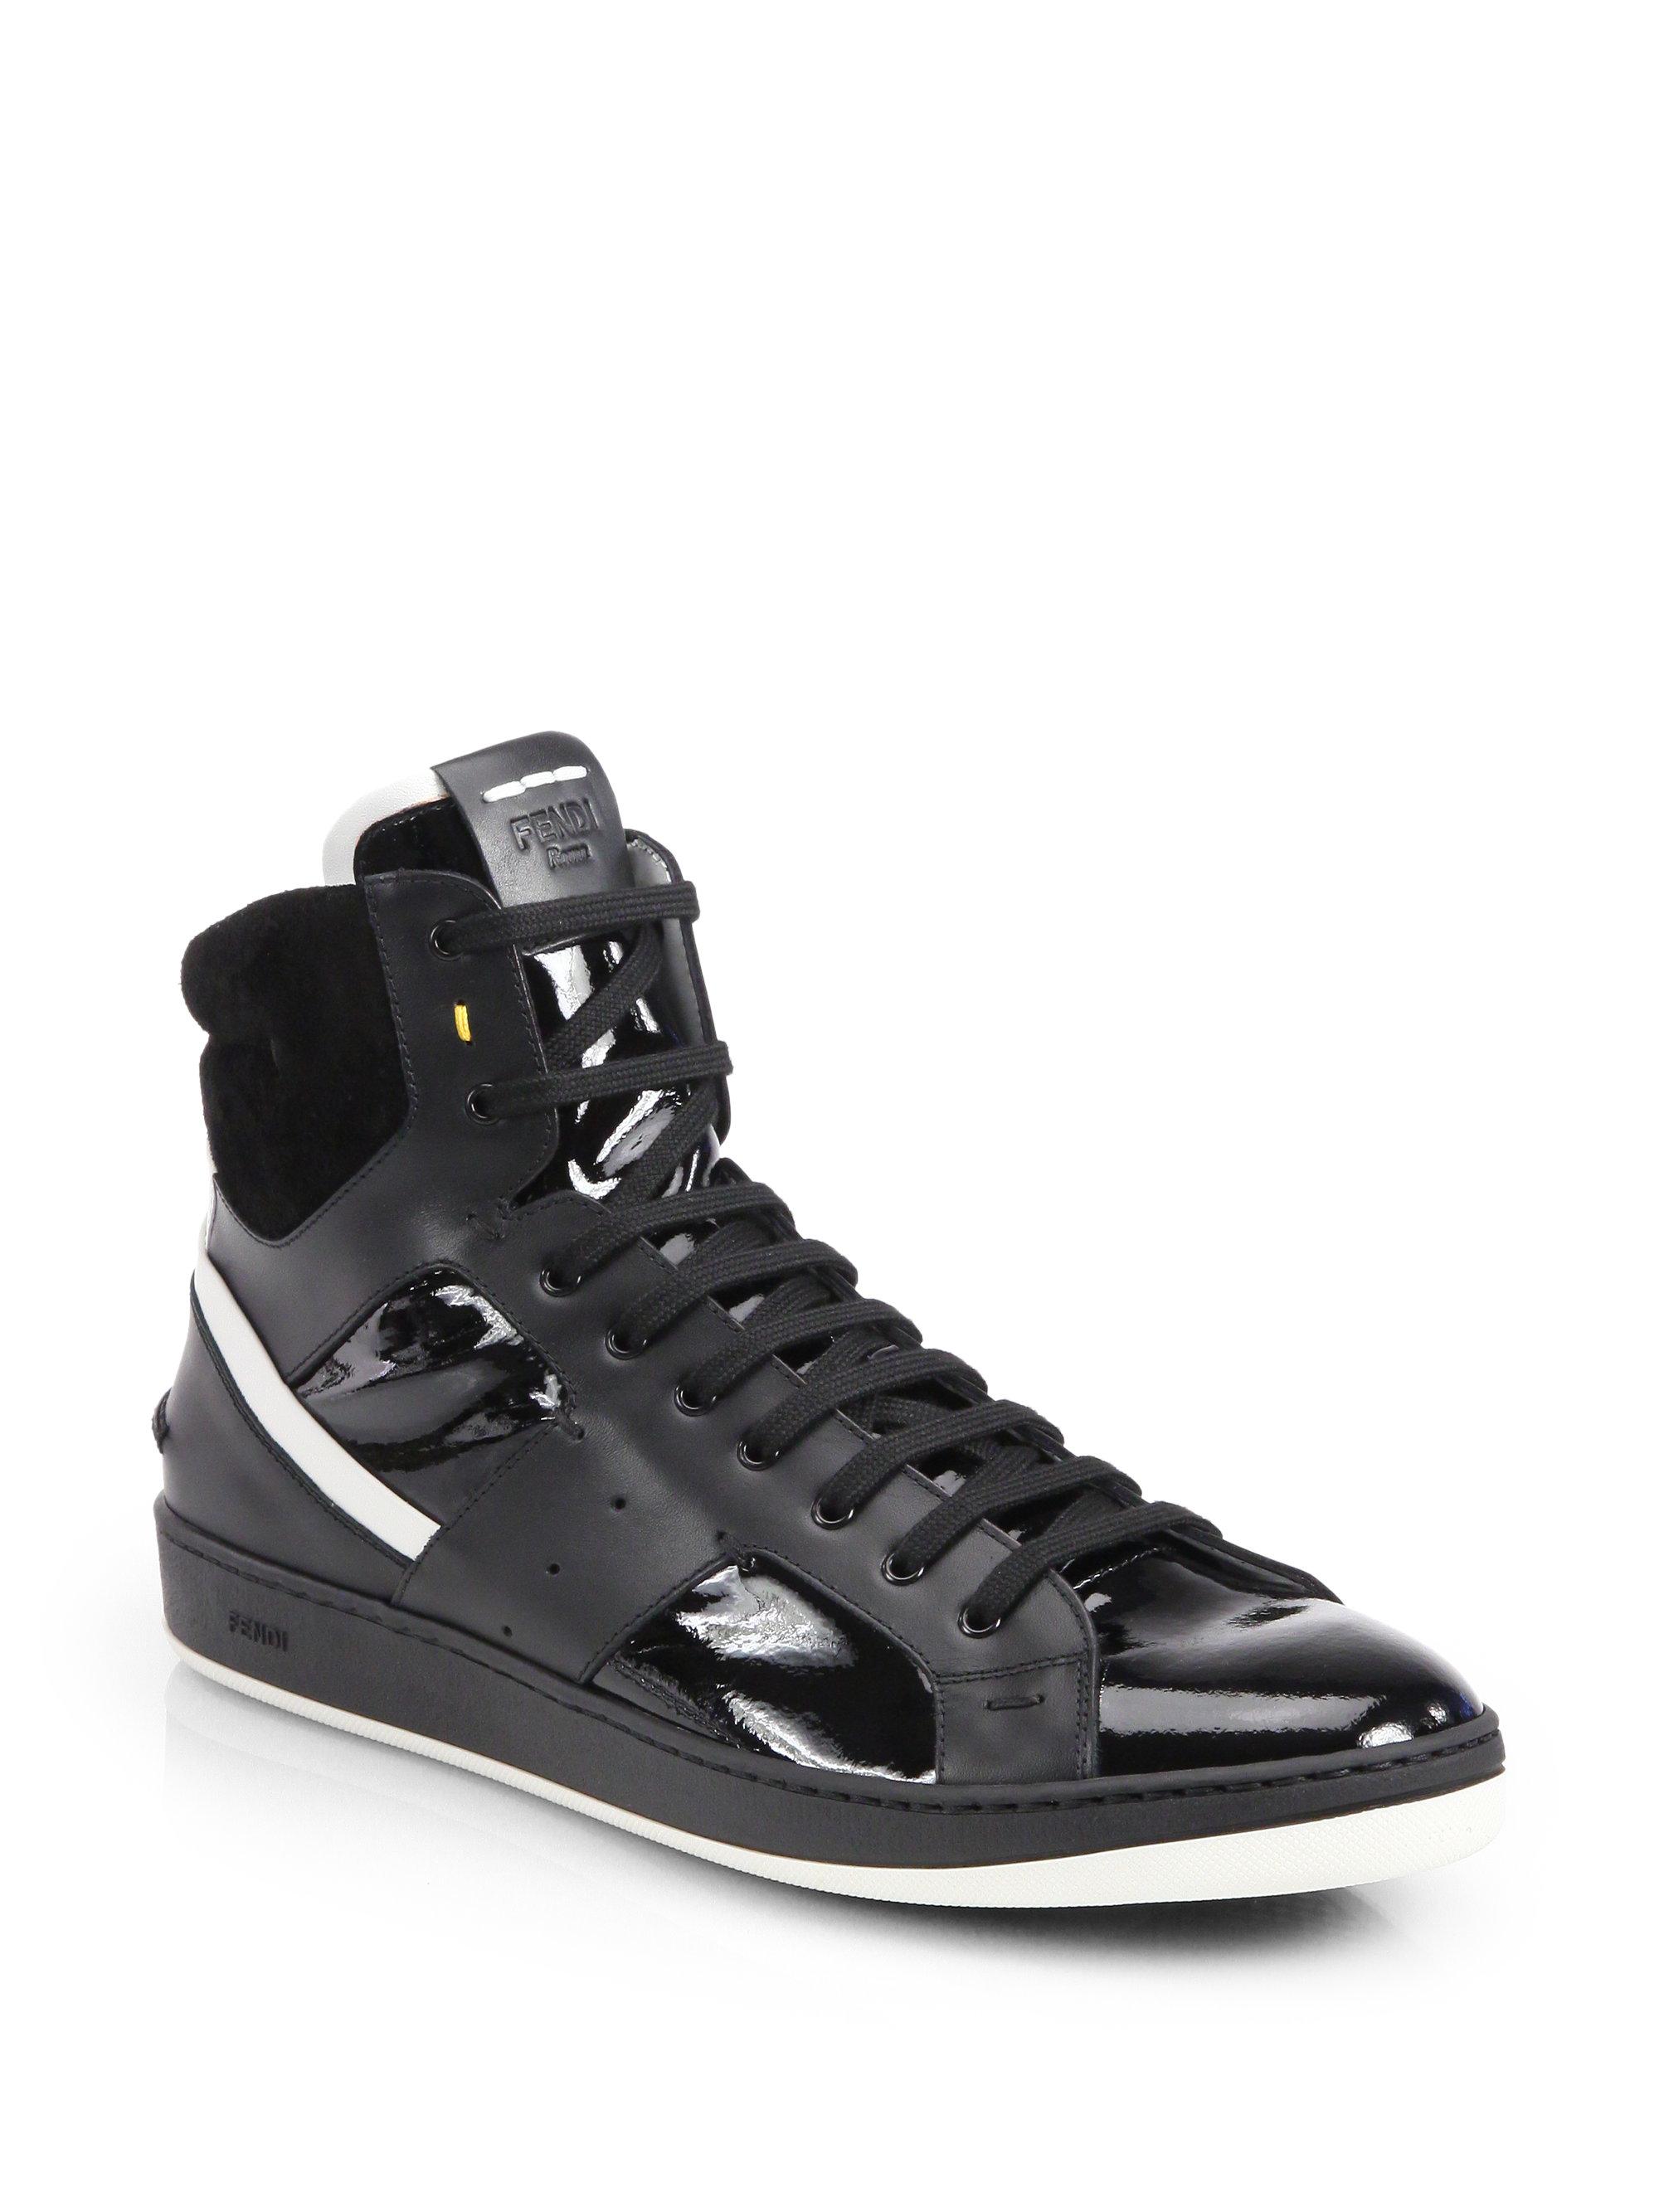 Fendi Shoes High Tops